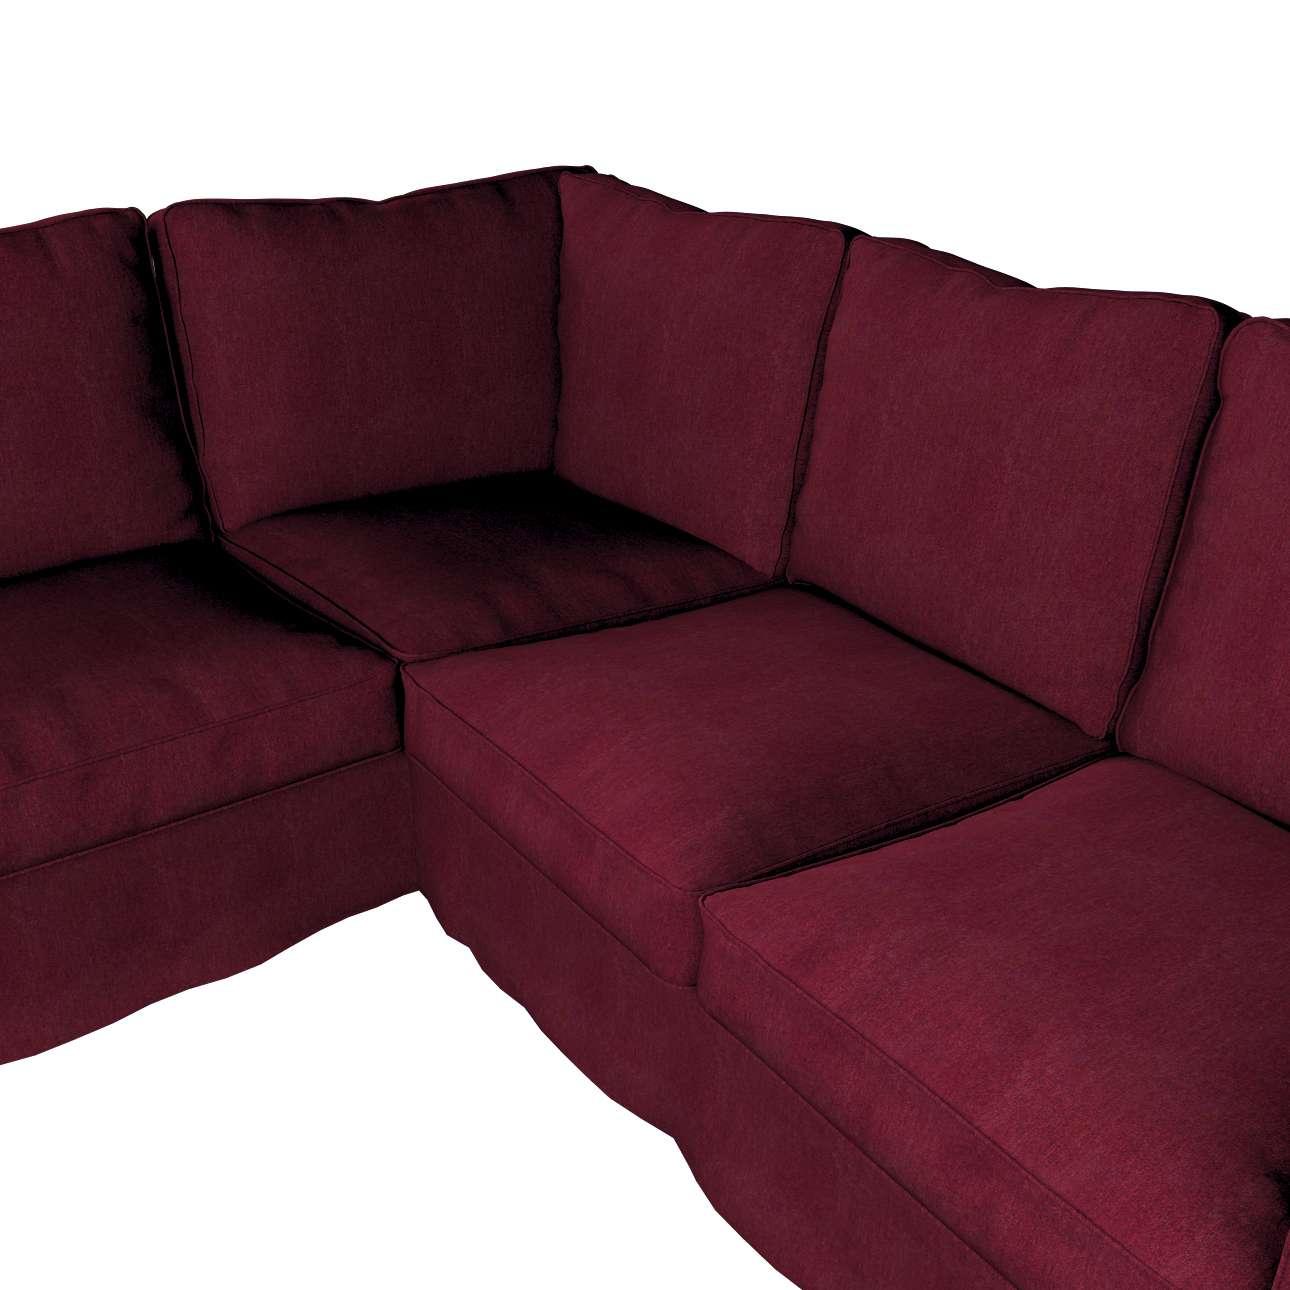 Pokrowiec na sofę narożną Ektorp w kolekcji Chenille, tkanina: 702-19